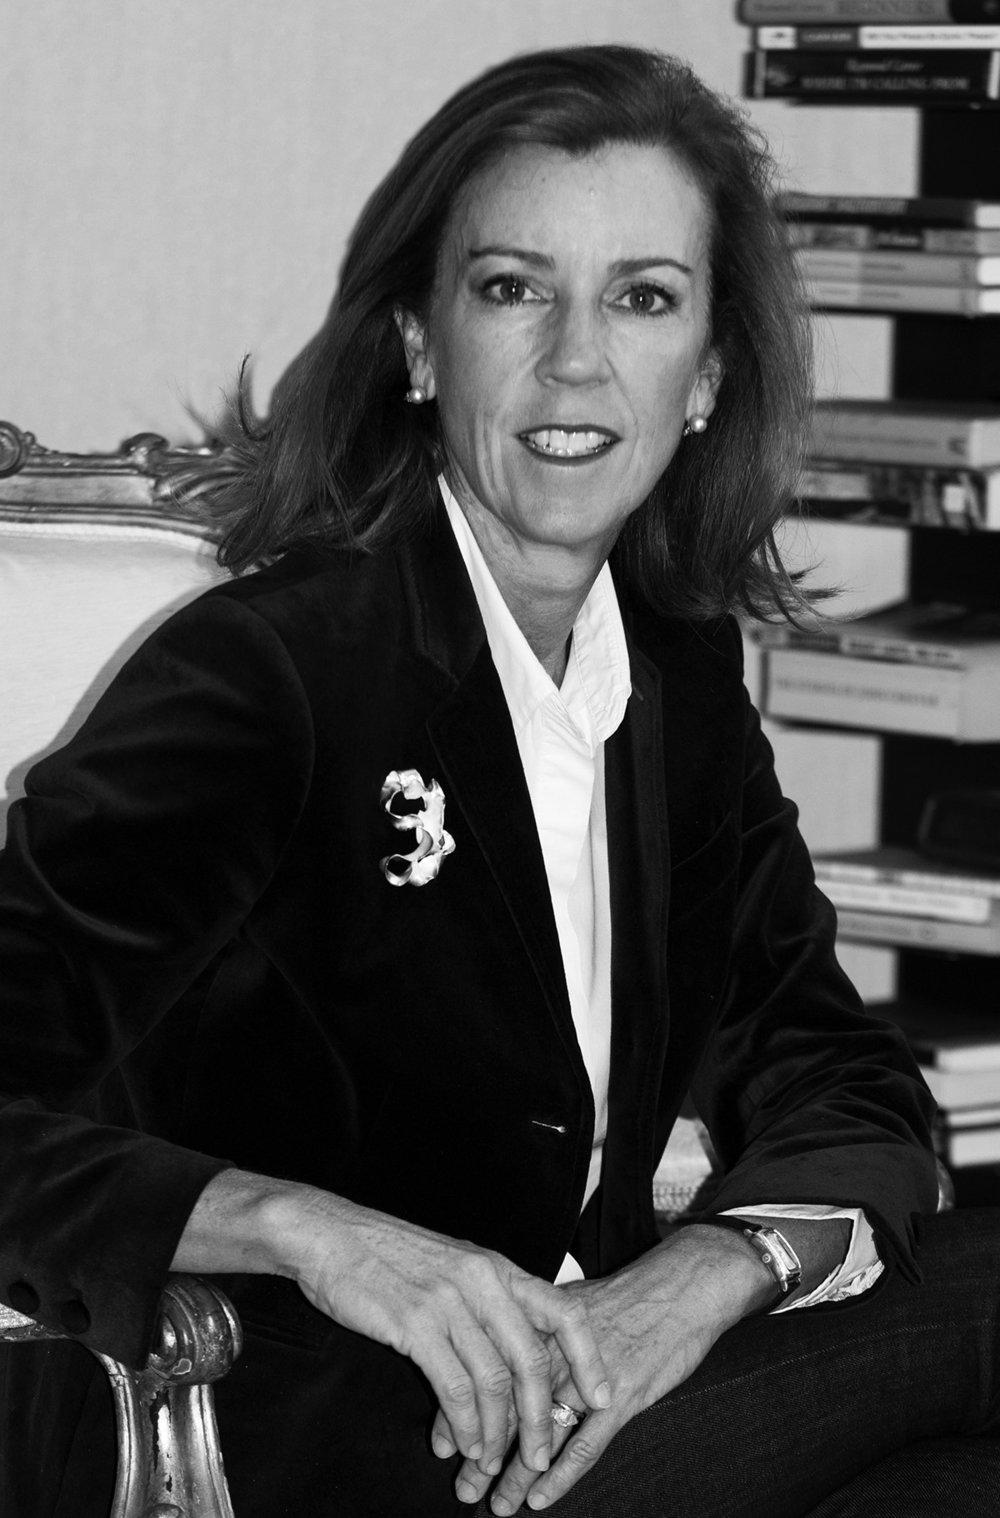 Beth Colocci